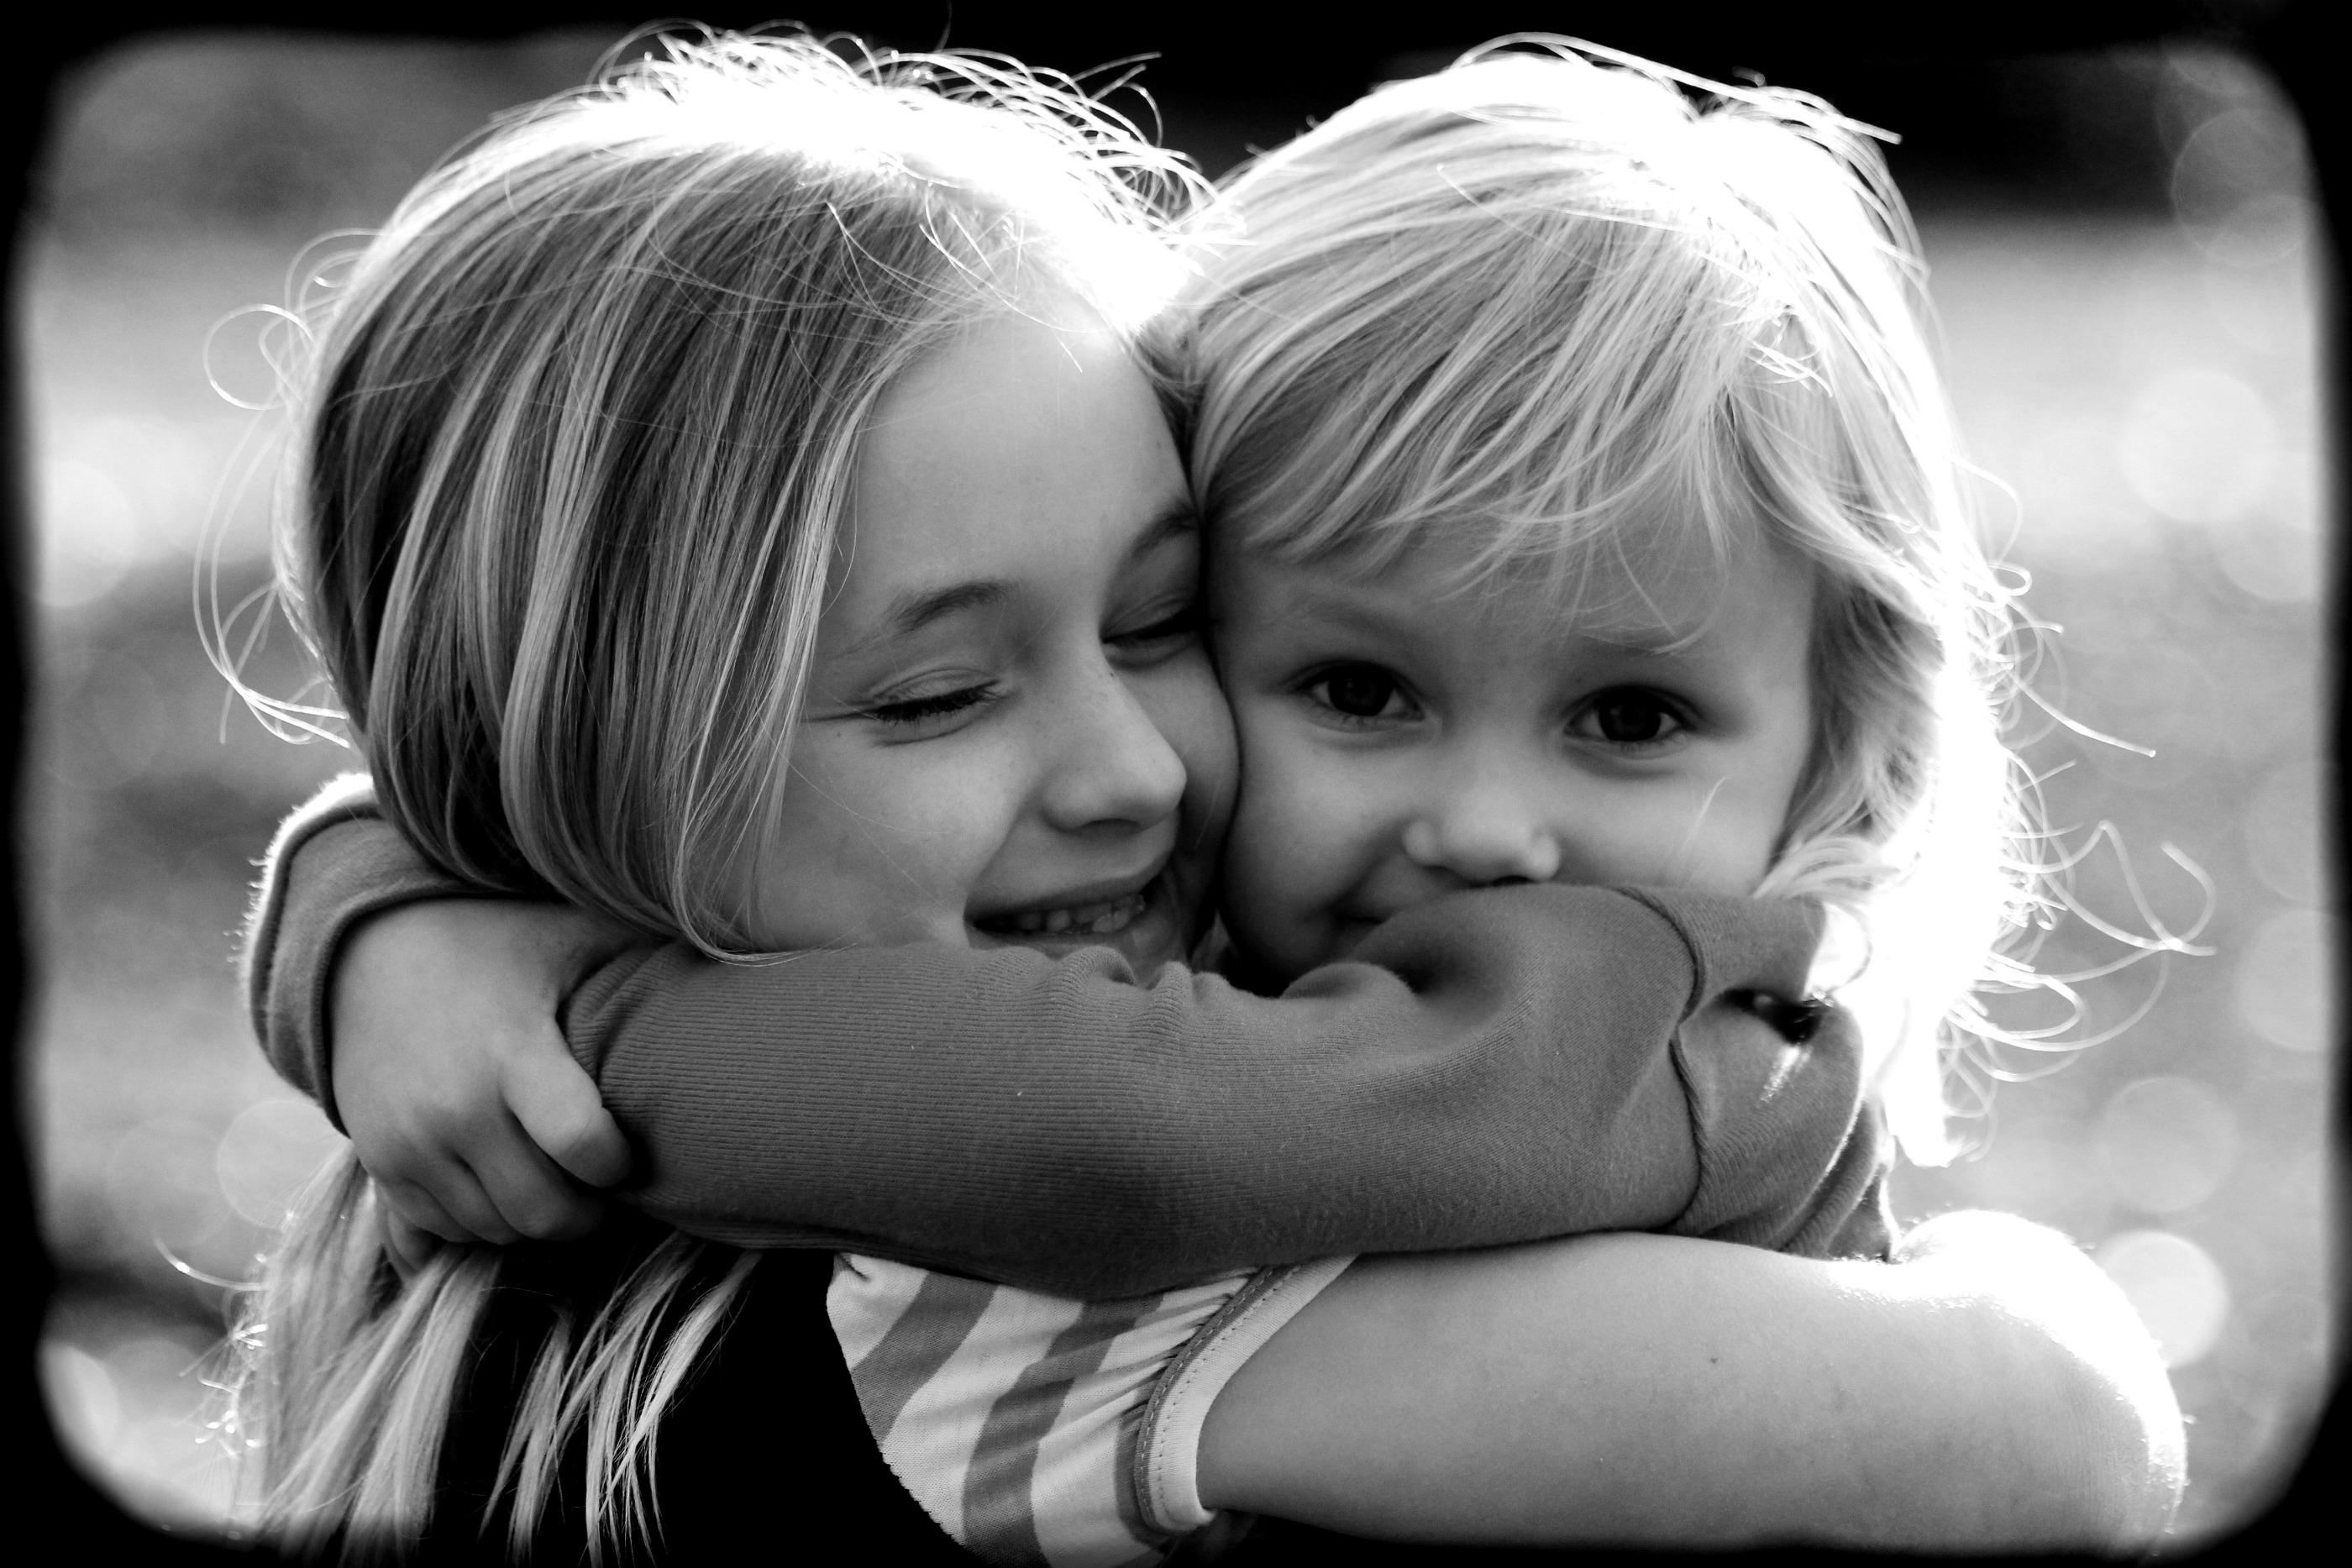 особенность этой фото о прощении в любви советский ребенок знал